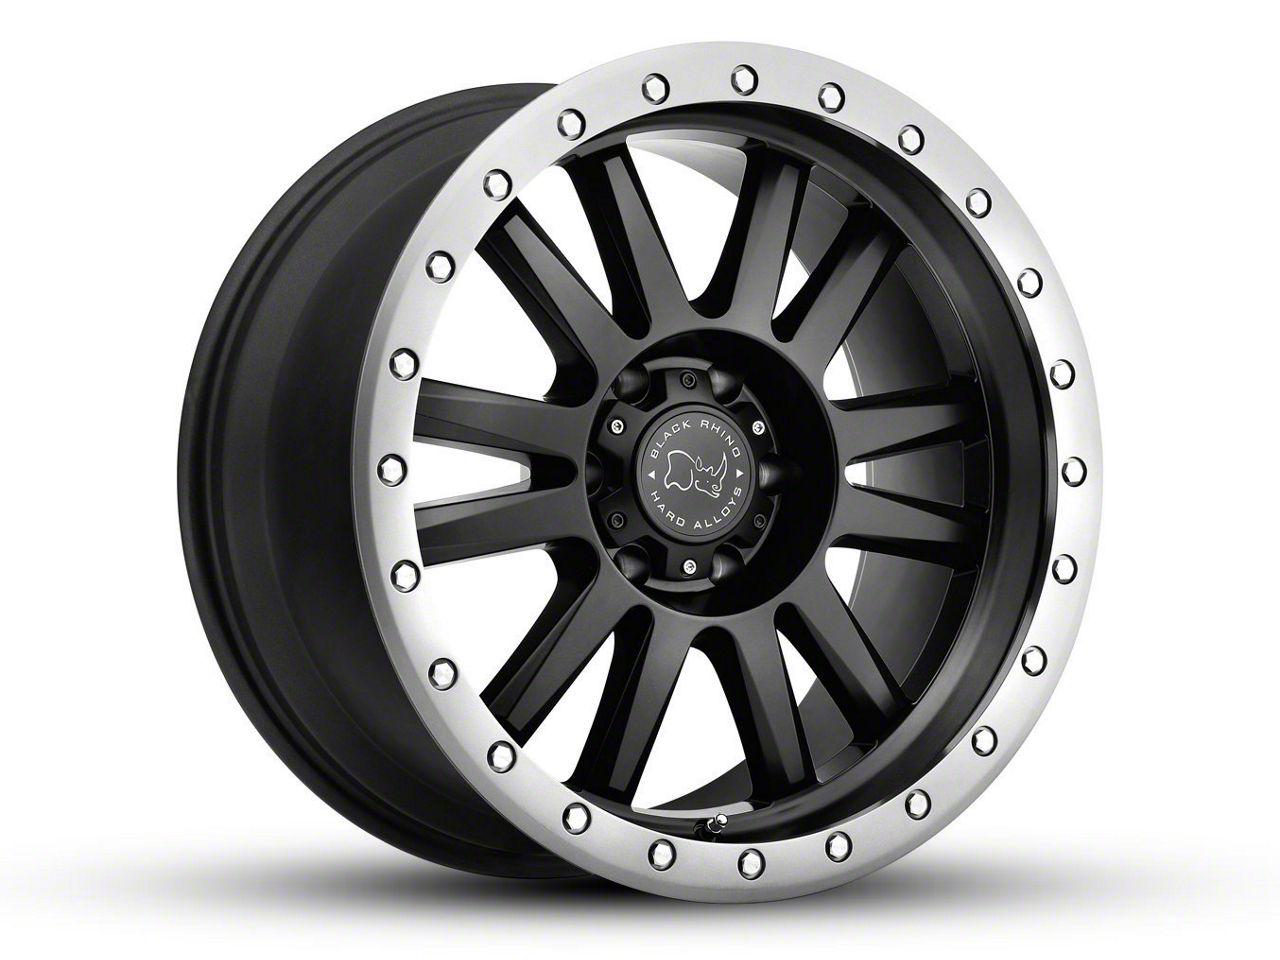 Black Rhino Tanay Matte Black Graphite 6-Lug Wheel - 17x9 (07-18 Sierra 1500)